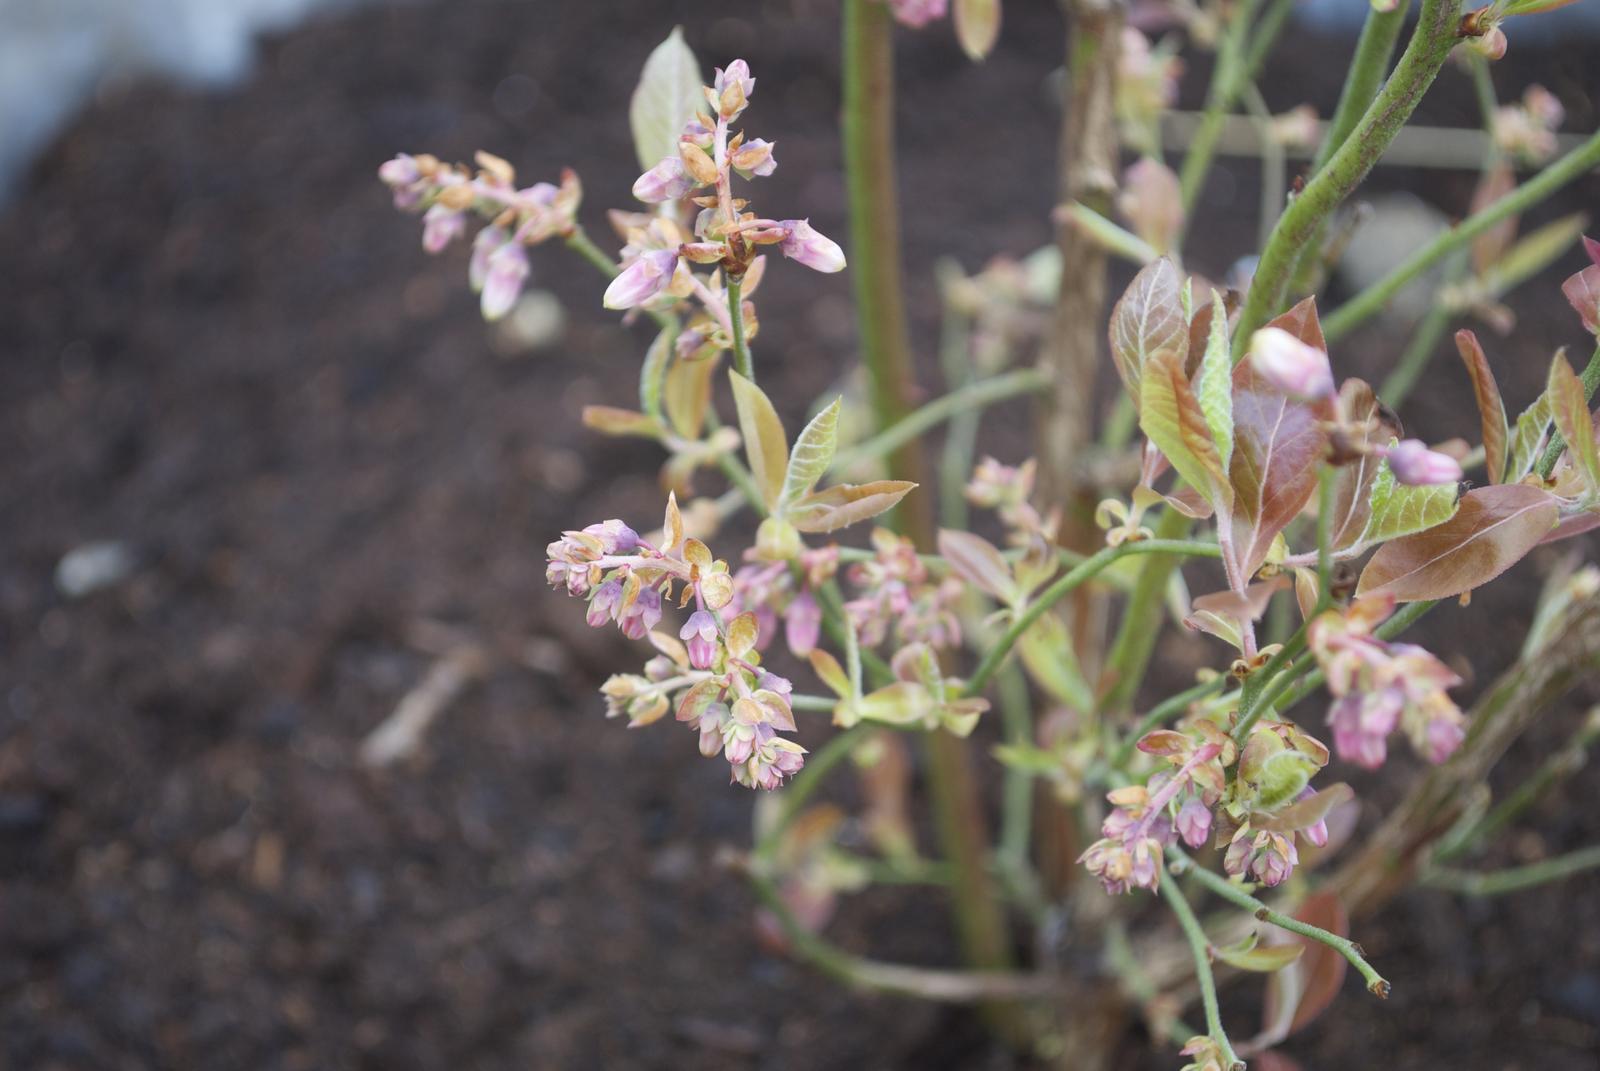 Zahradka nasa 2015 - boruvky :) jenom nevim, holky oc boruvky mate, jsou takhle na jare i lsitky takove fialove normalni?